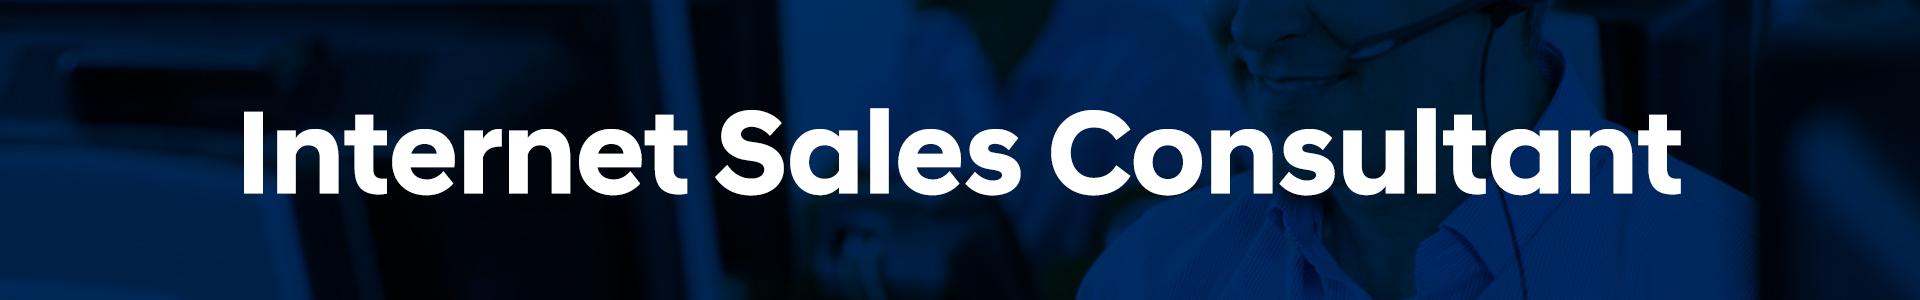 careers-internet-sales